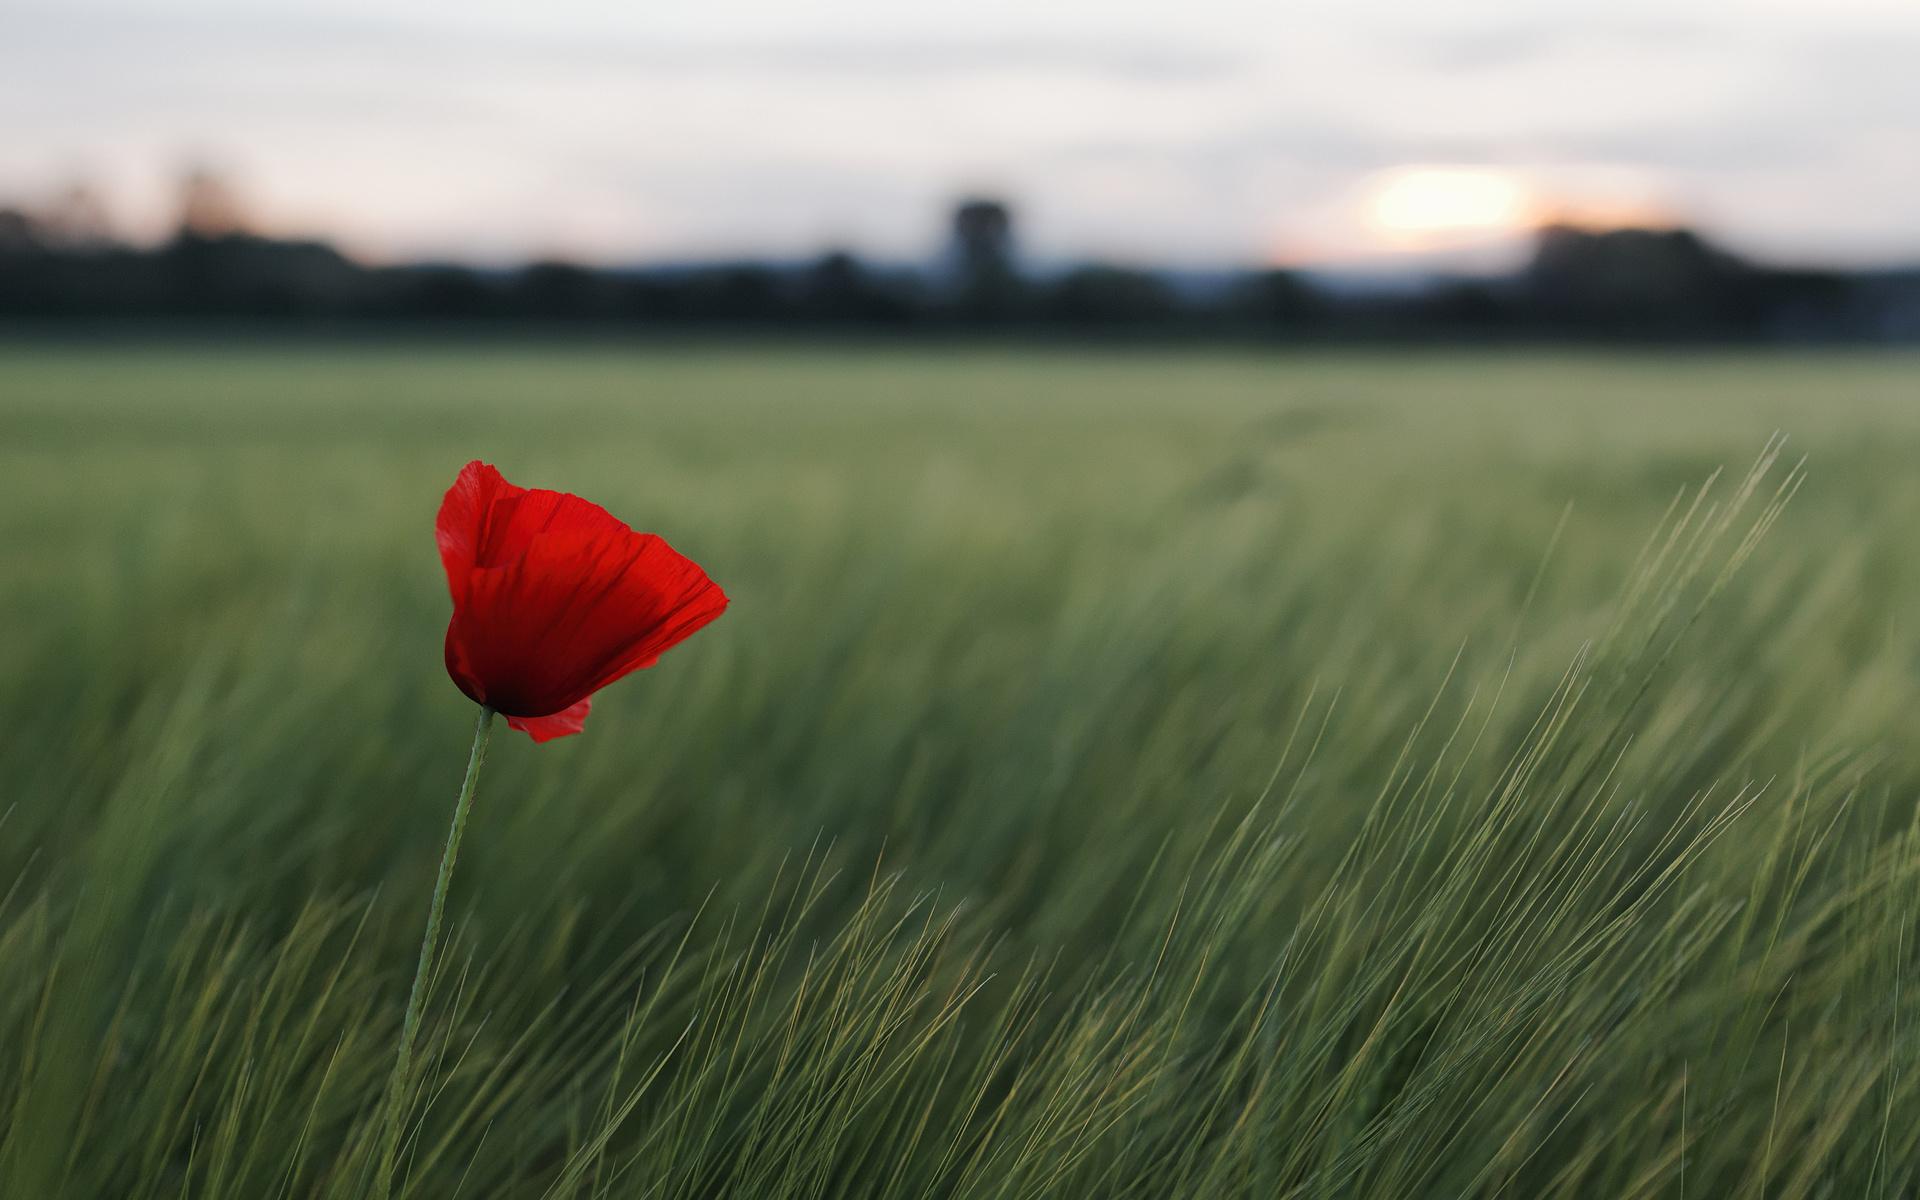 цветы картинка одинокая нежная мягкость